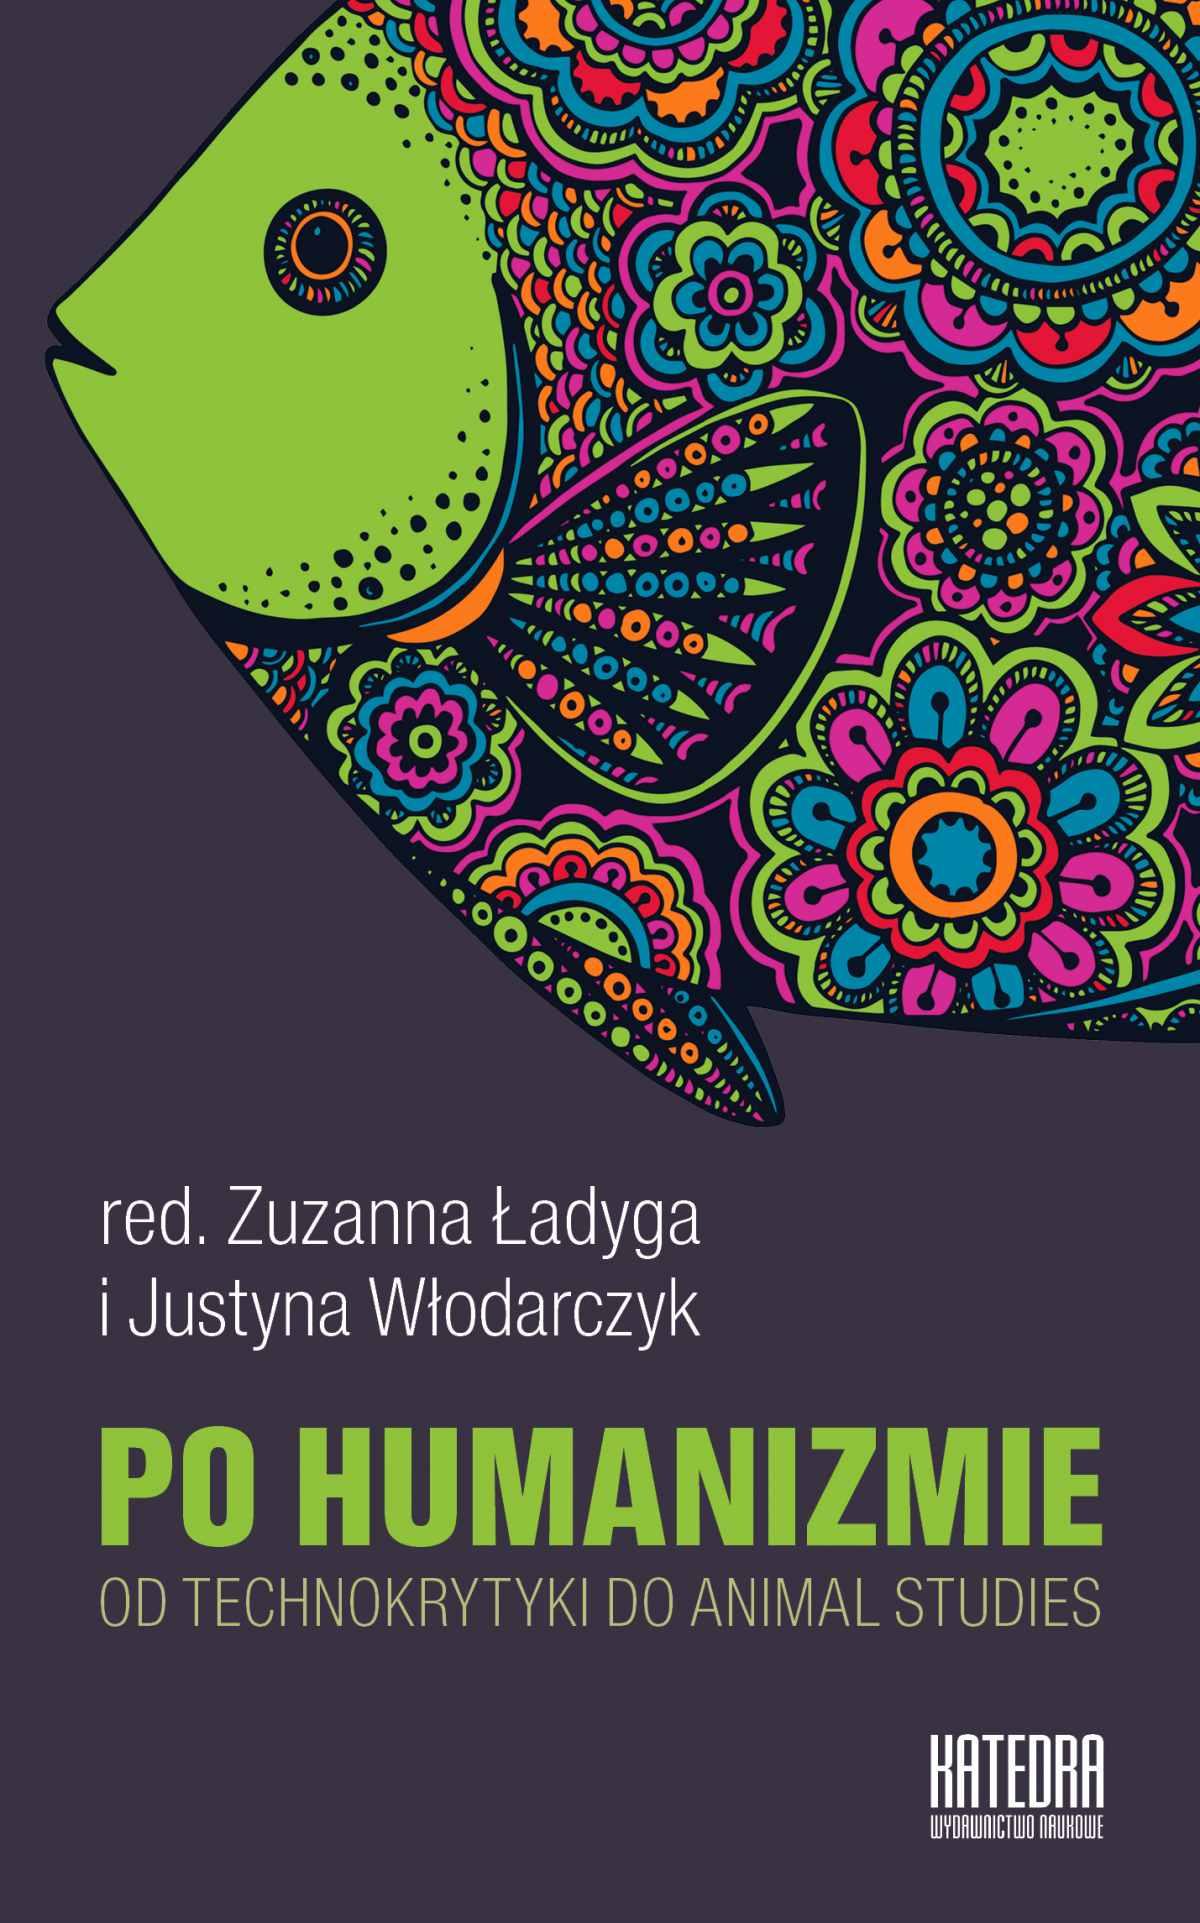 Po humanizmie. Od technokrytyki do animal studies - Ebook (Książka EPUB) do pobrania w formacie EPUB